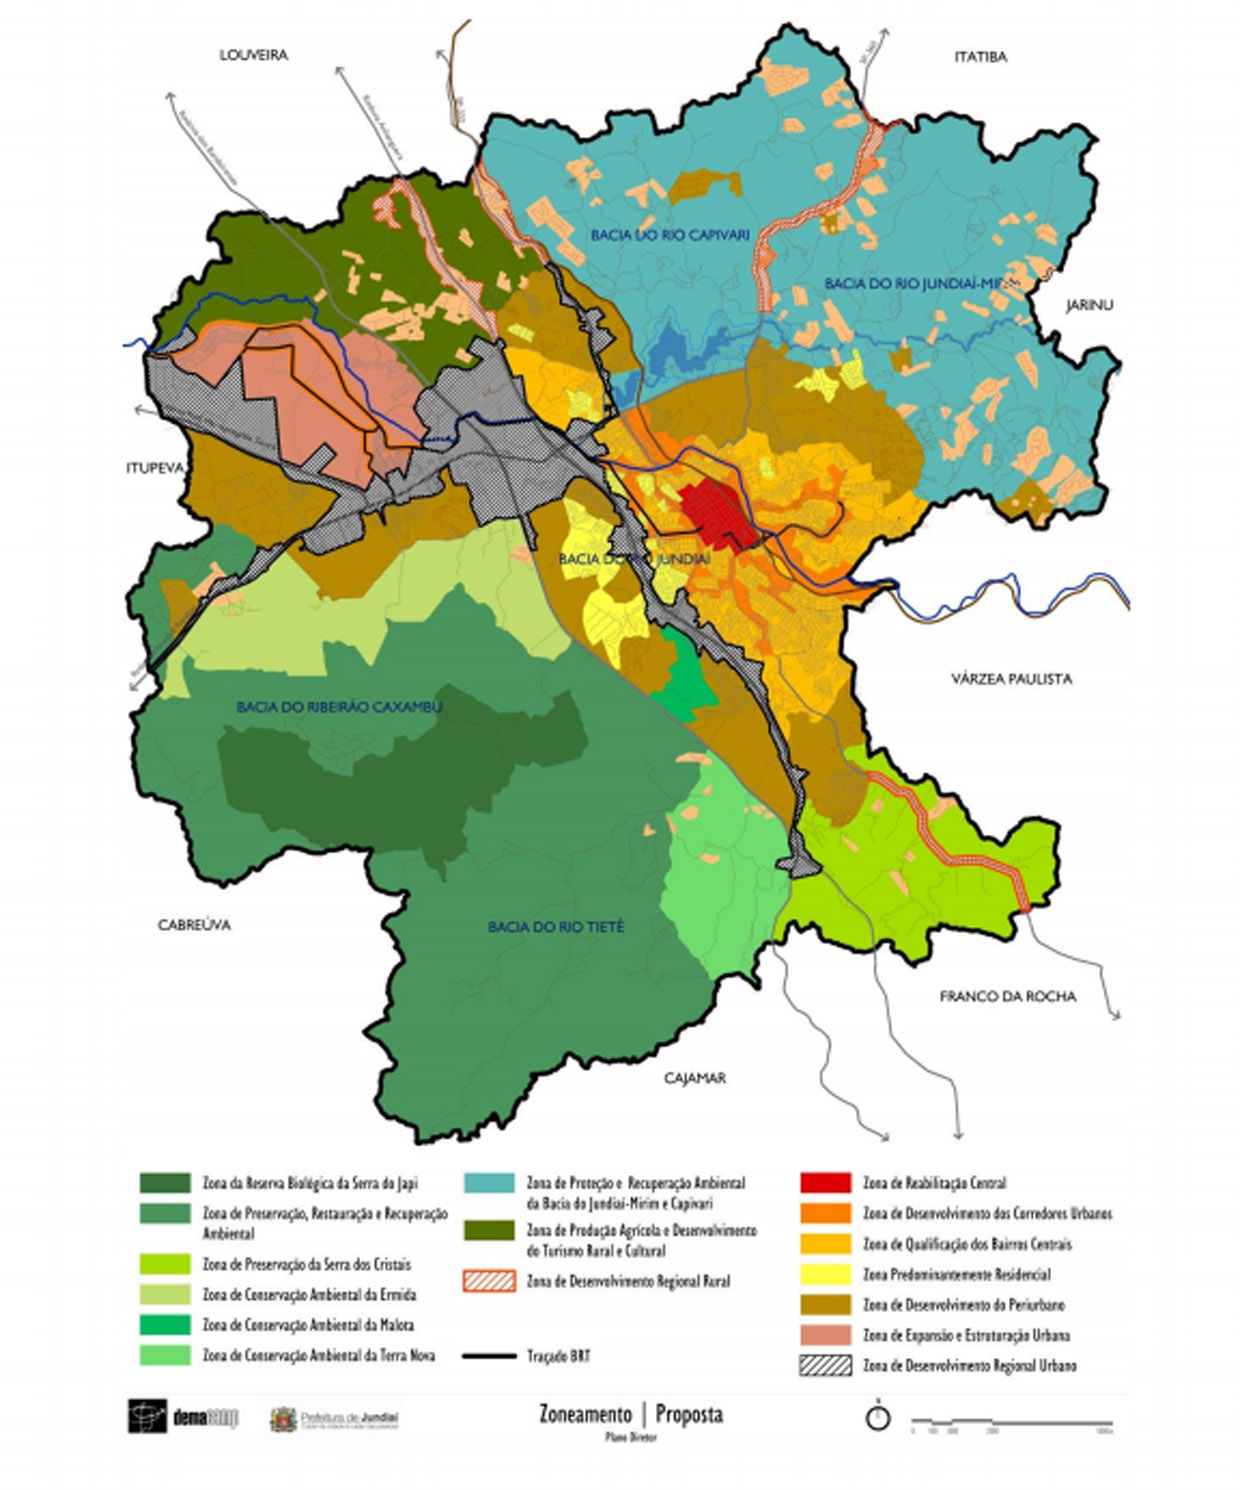 Mapa plano diretor1_G